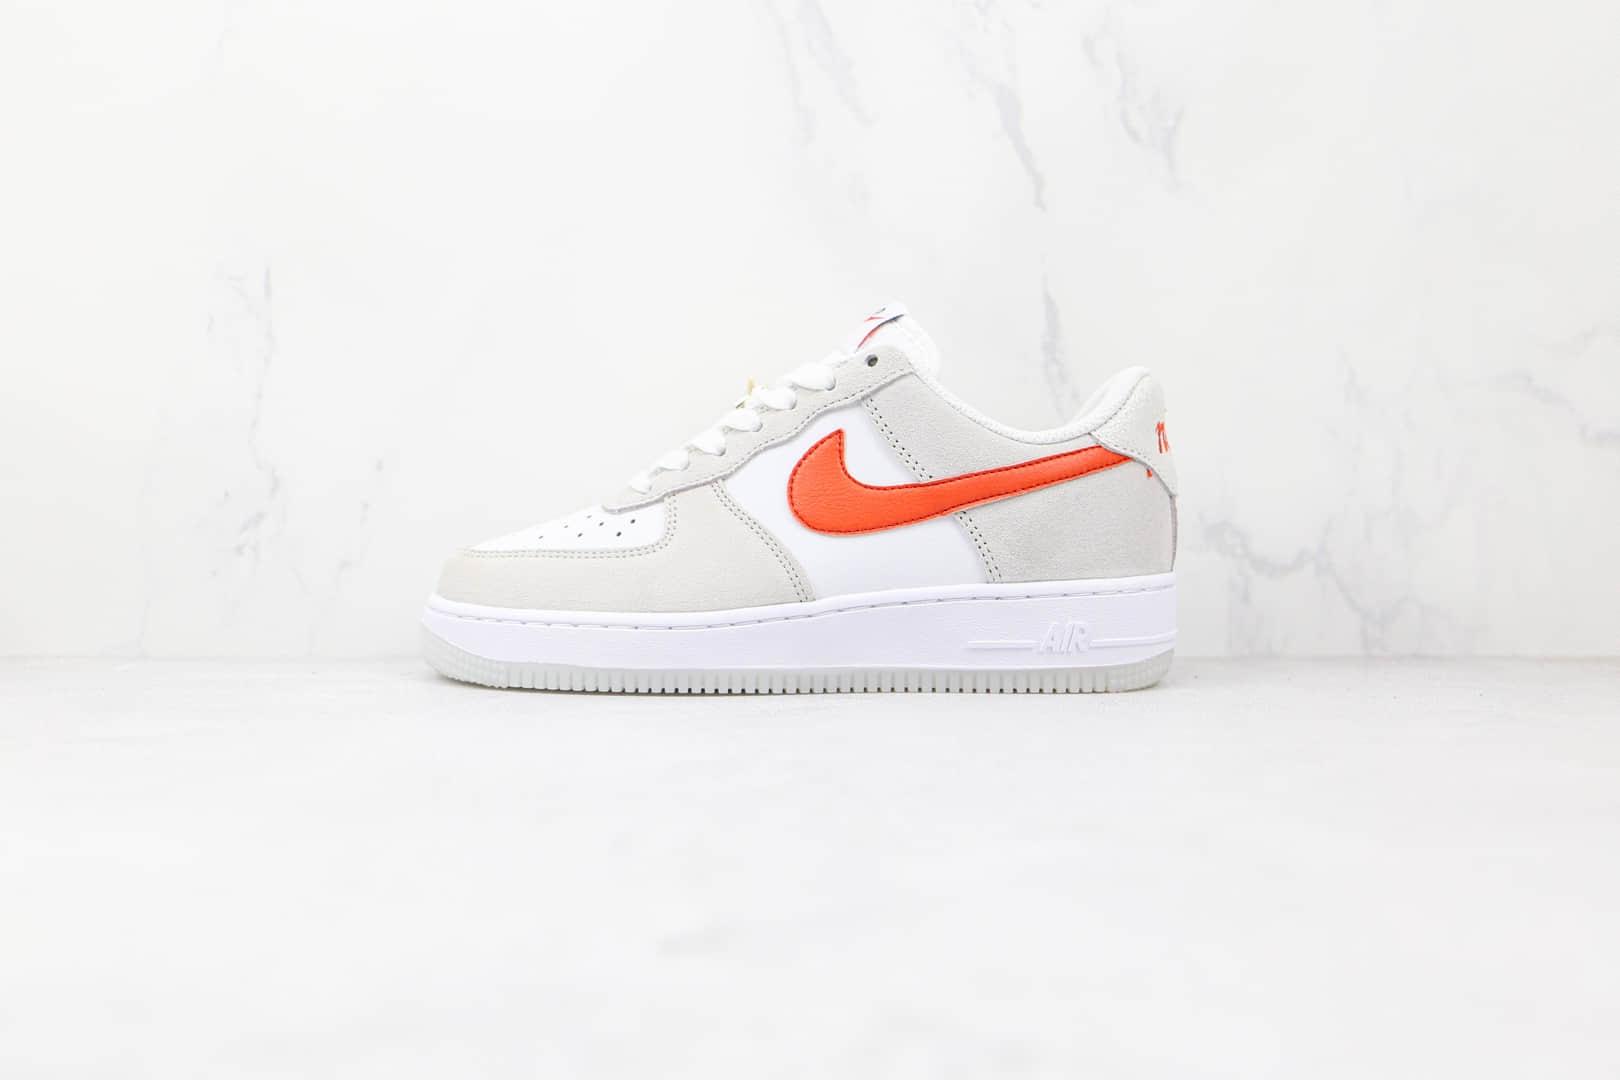 耐克Nike AIR FORCE 1'07 SE纯原版本低帮空军一号米白橙色板鞋内置气垫 货号:DA8302-101